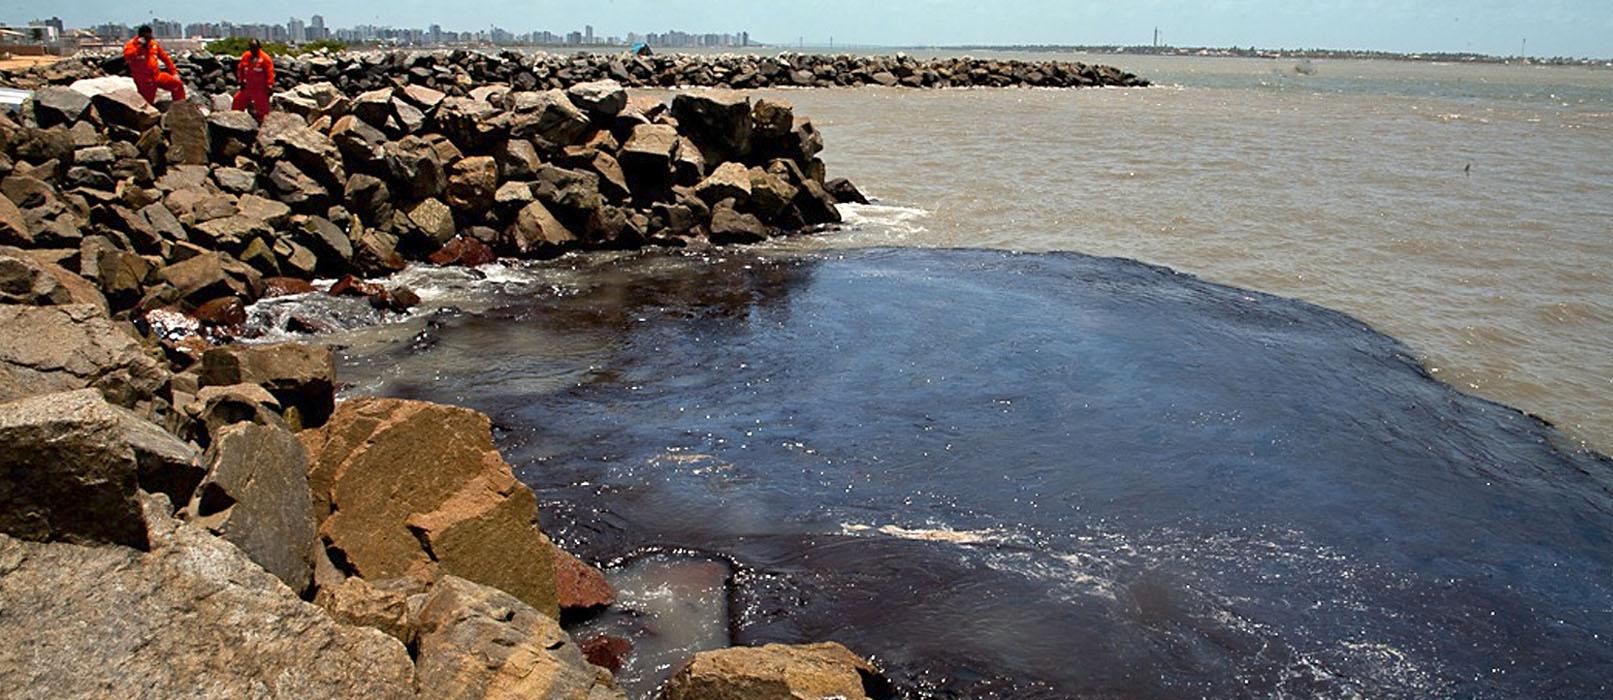 Mancha de óleo no mar perto de Aracaju em outubro: pesquisadores avaliam eficiência de materiais na remoção do óleo no litoral nordestino (Foto: Marcos Rodrigues/Governo de Sergipe)